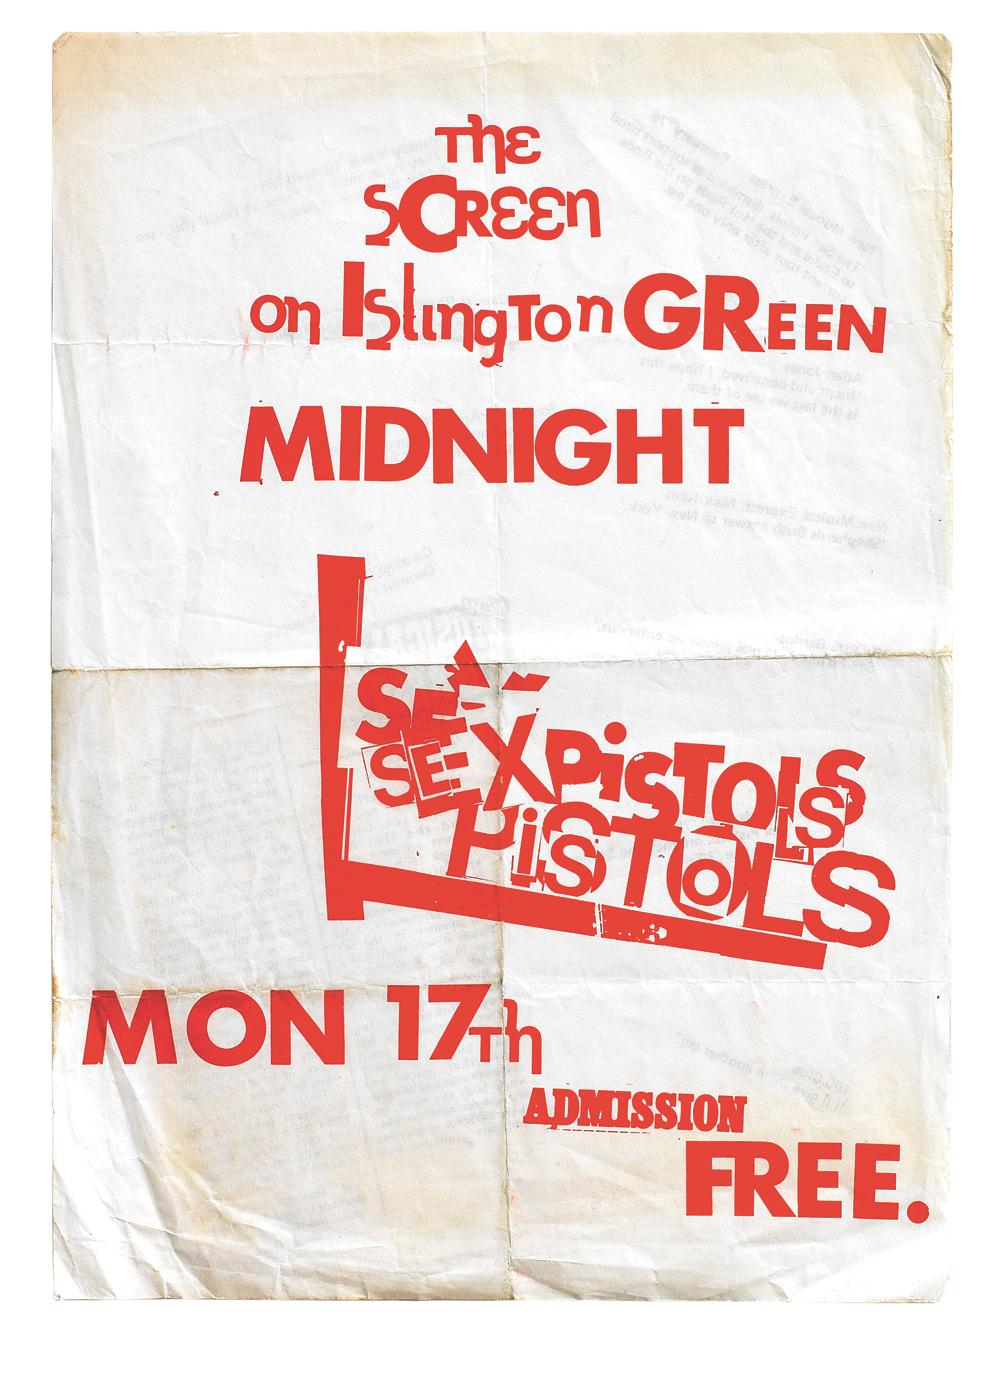 027 Sex Pistols flyer.jpg